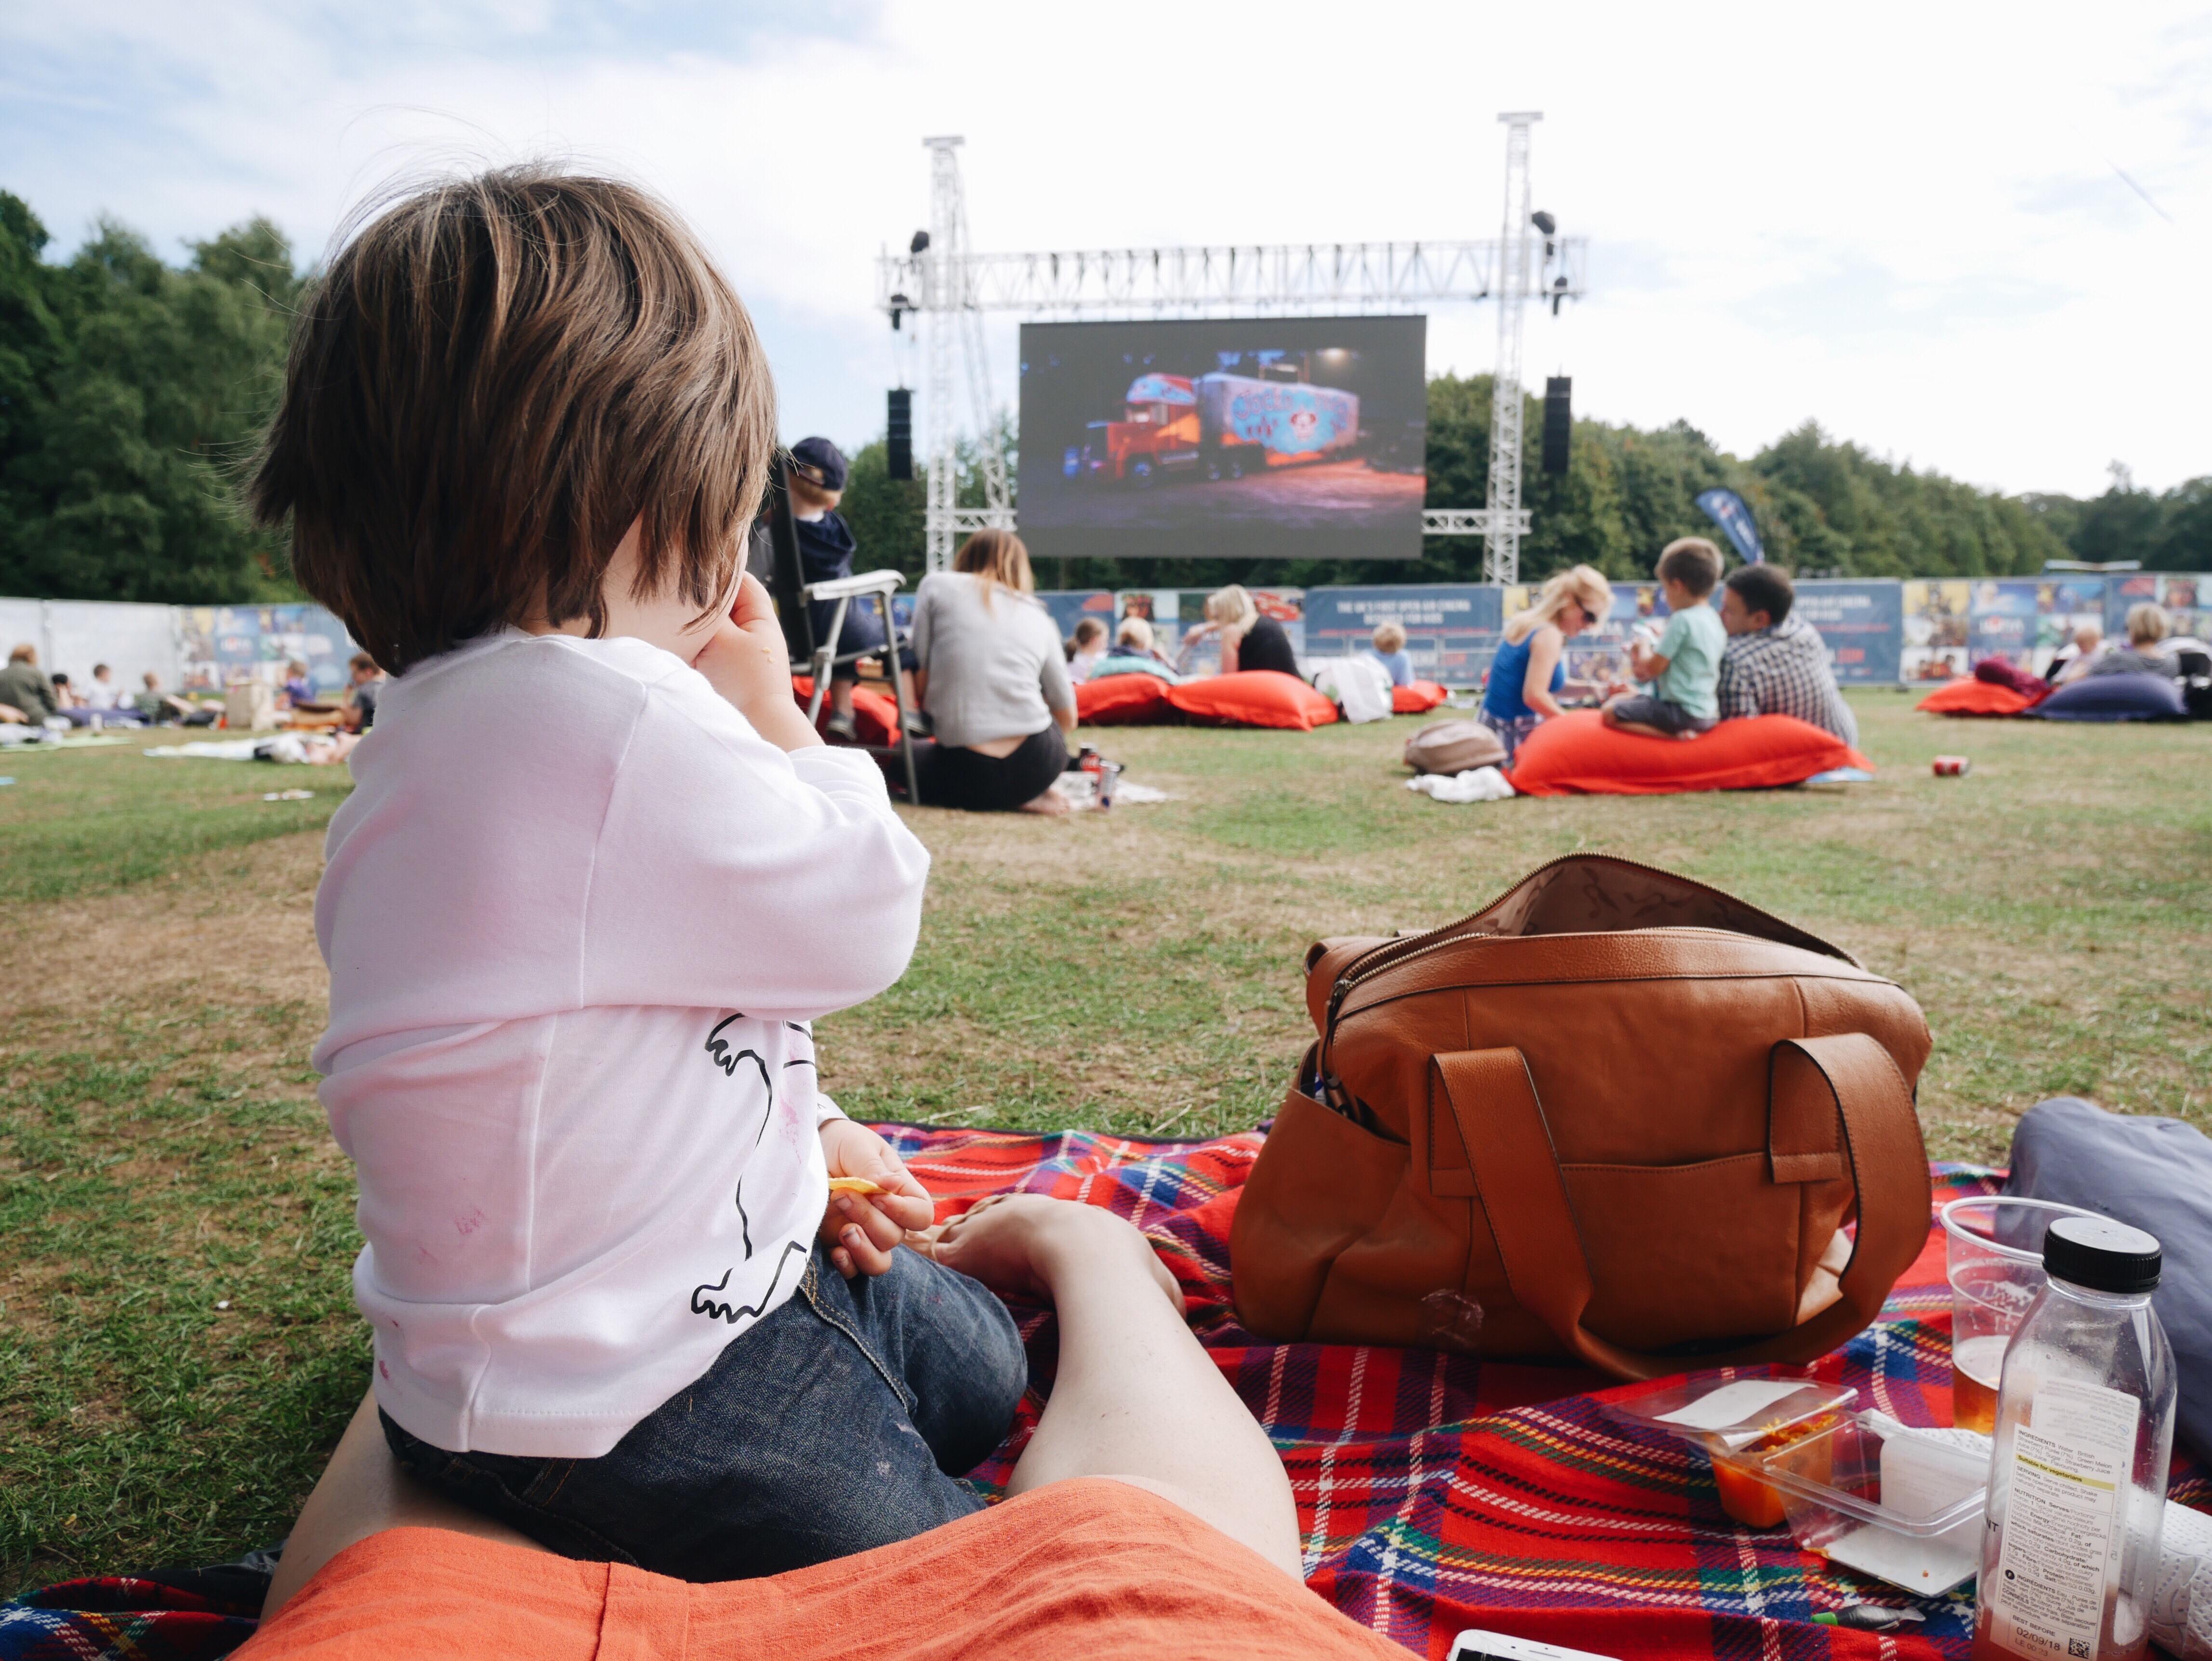 Day Tripping Luna Kids Outdoor Cinema